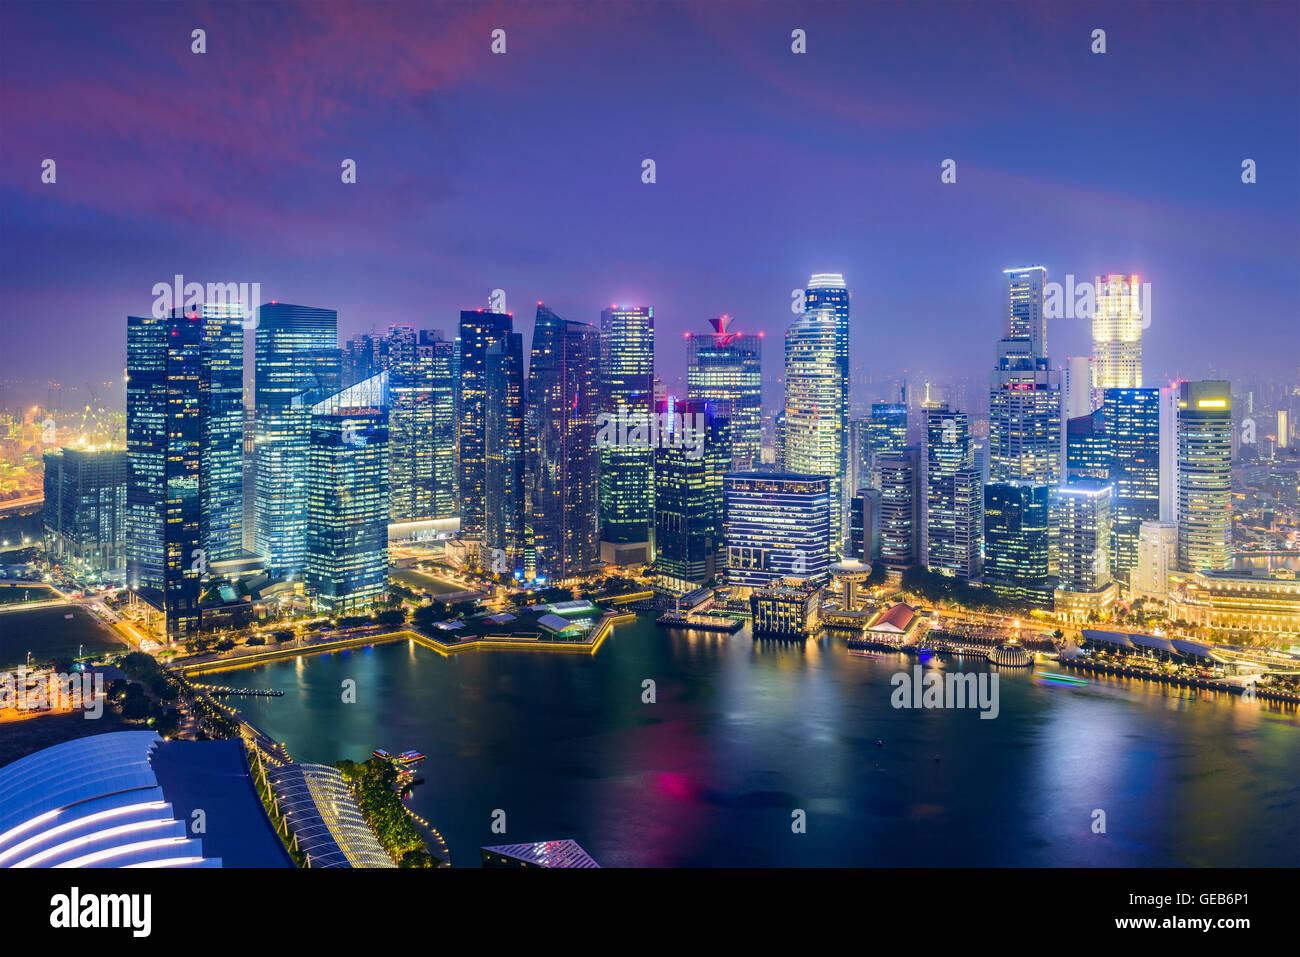 El distrito financiero de Singapur skyline al atardecer. Imagen De Stock